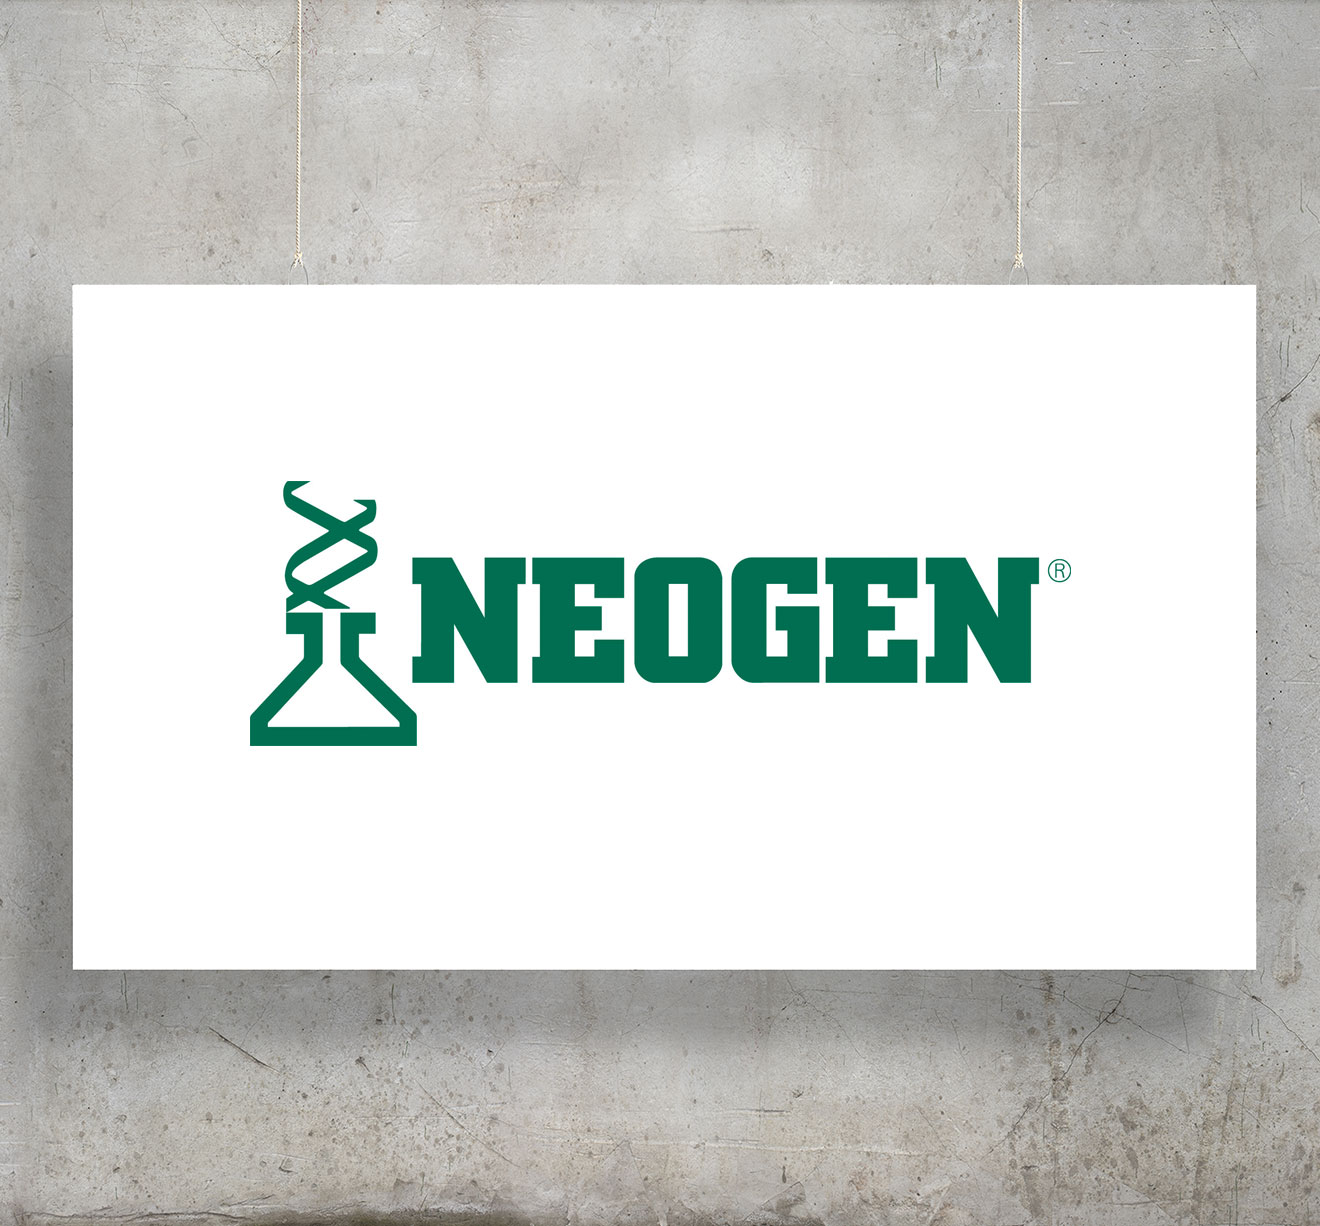 Firma global Neogen probará la tecnología blockchain para mejorar la seguridad alimentaria